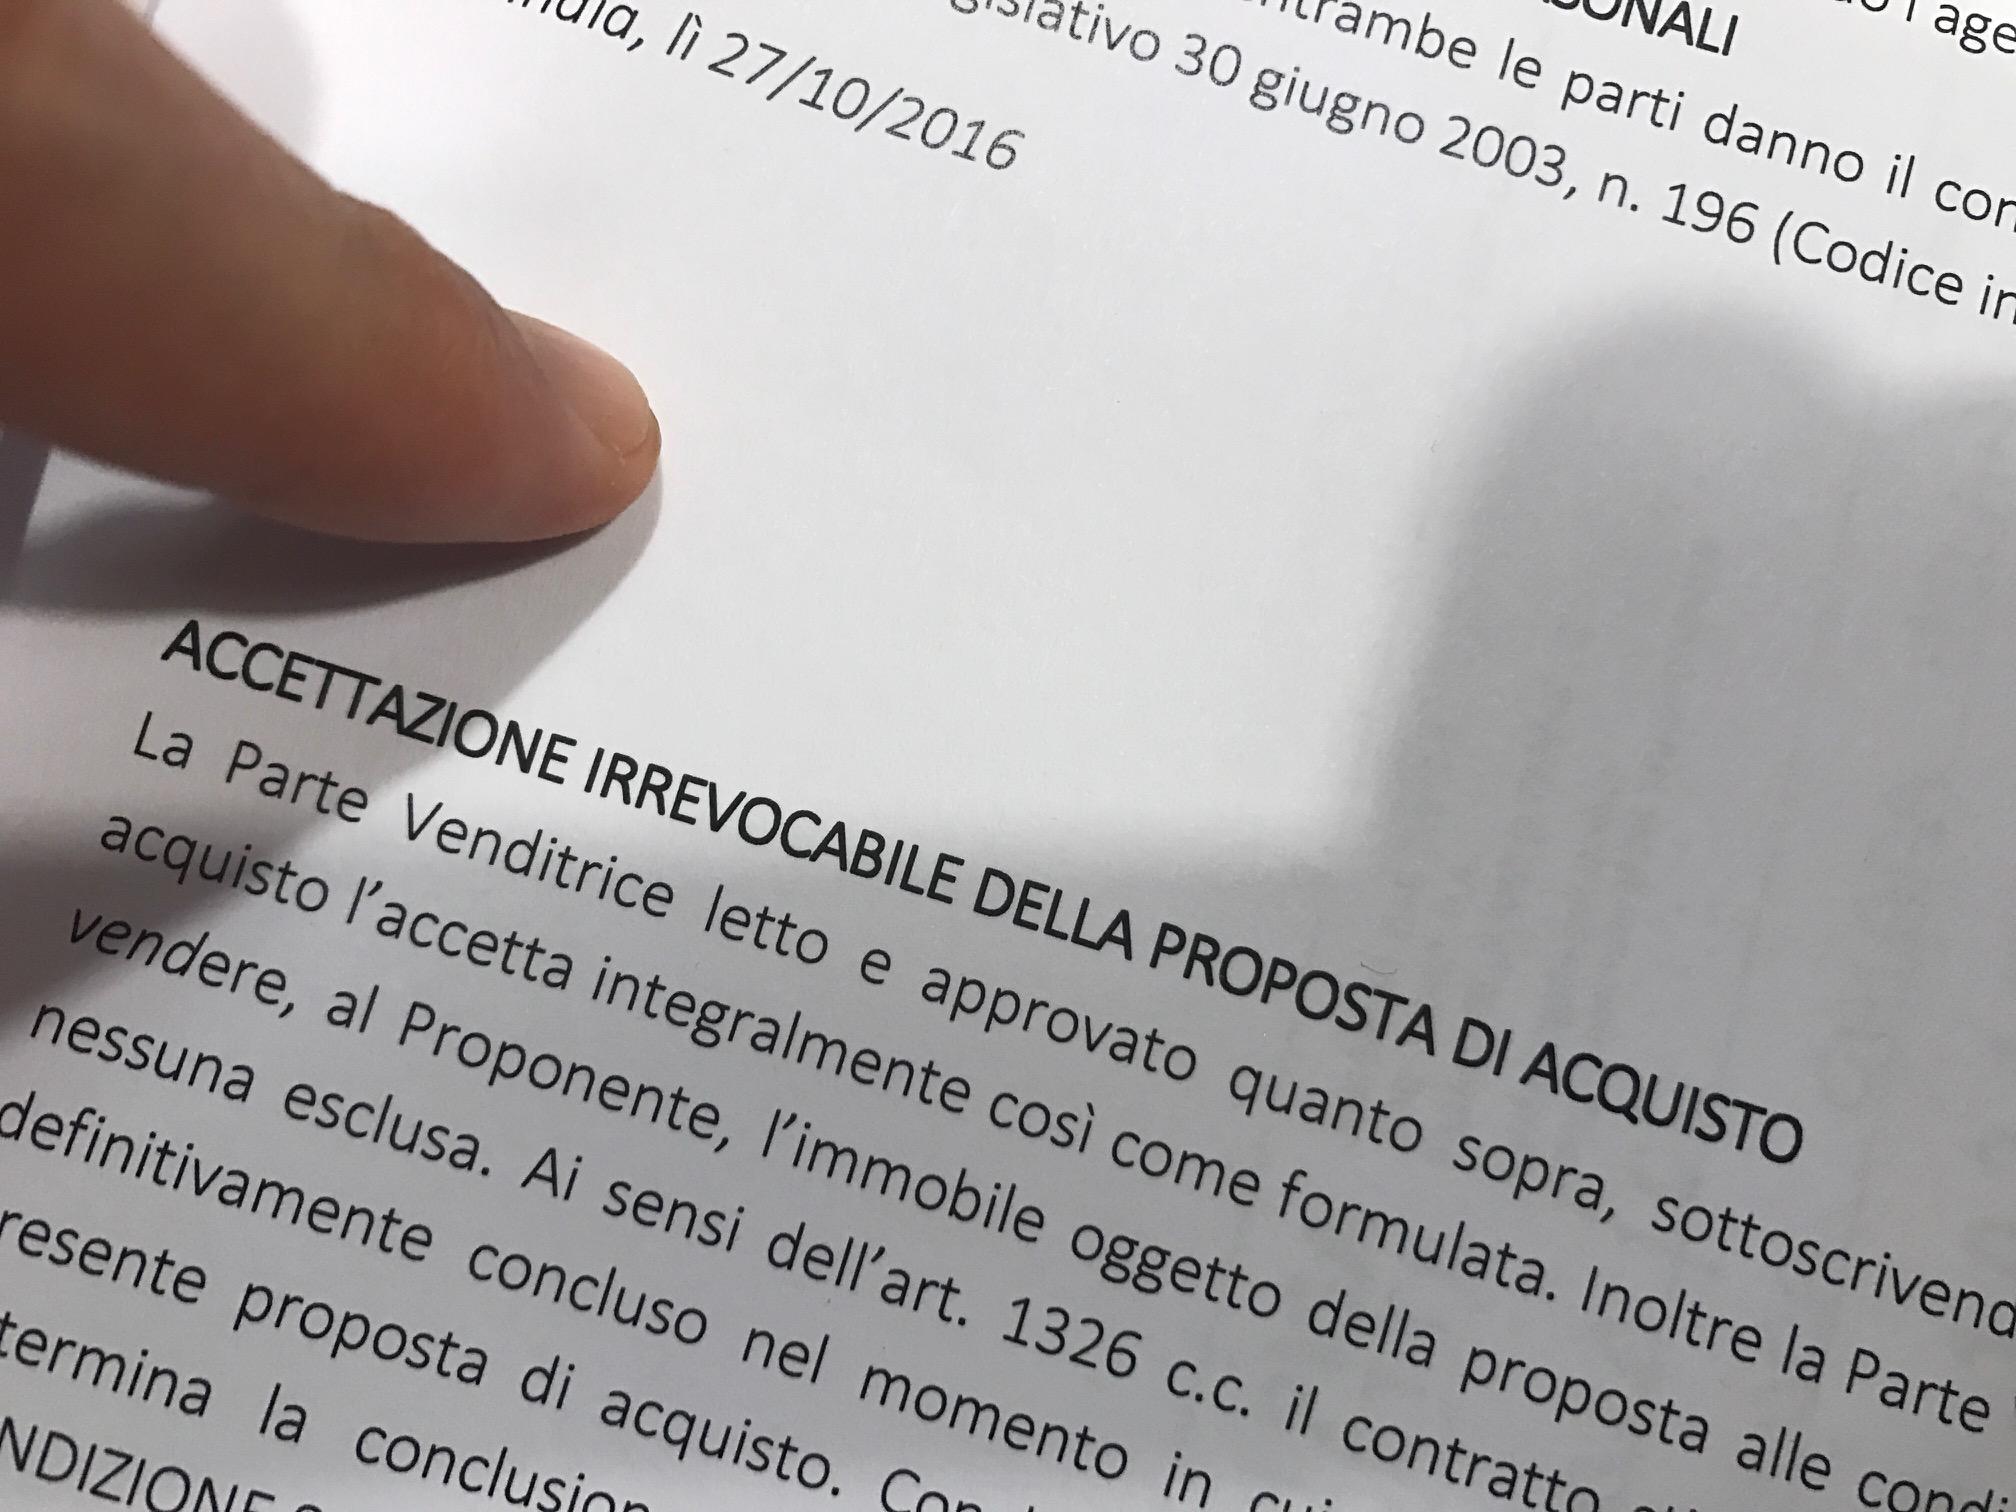 Collegamento tra preliminare di vendita immobiliare e contratto di comodato forum iuris - Proposta di acquisto immobile ...